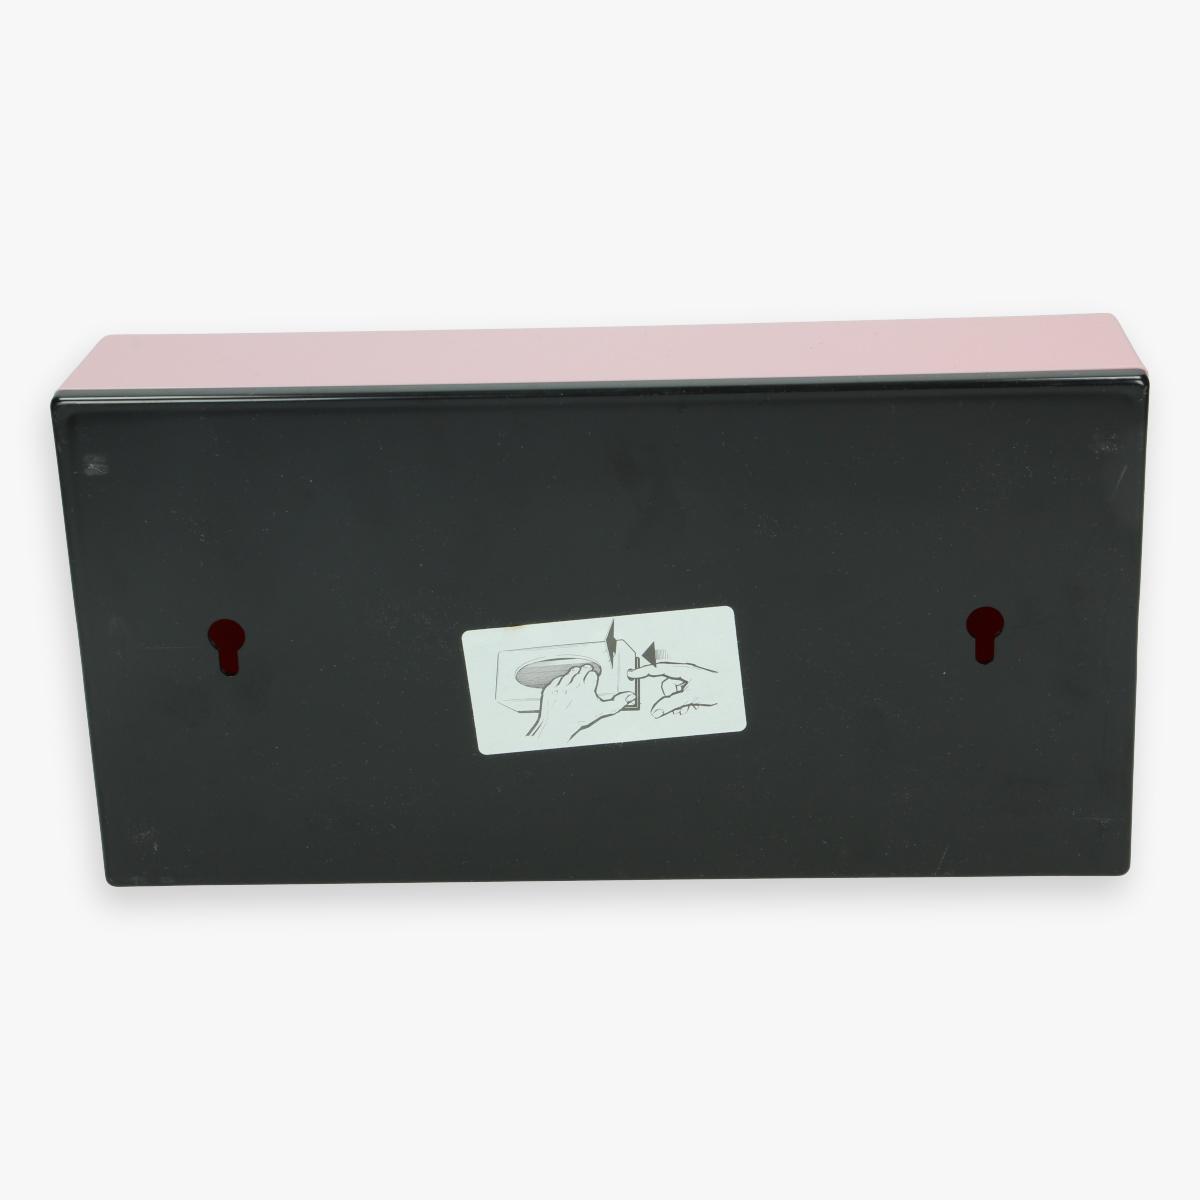 Afbeeldingen van vintage papieren zakdoekjes doos roze